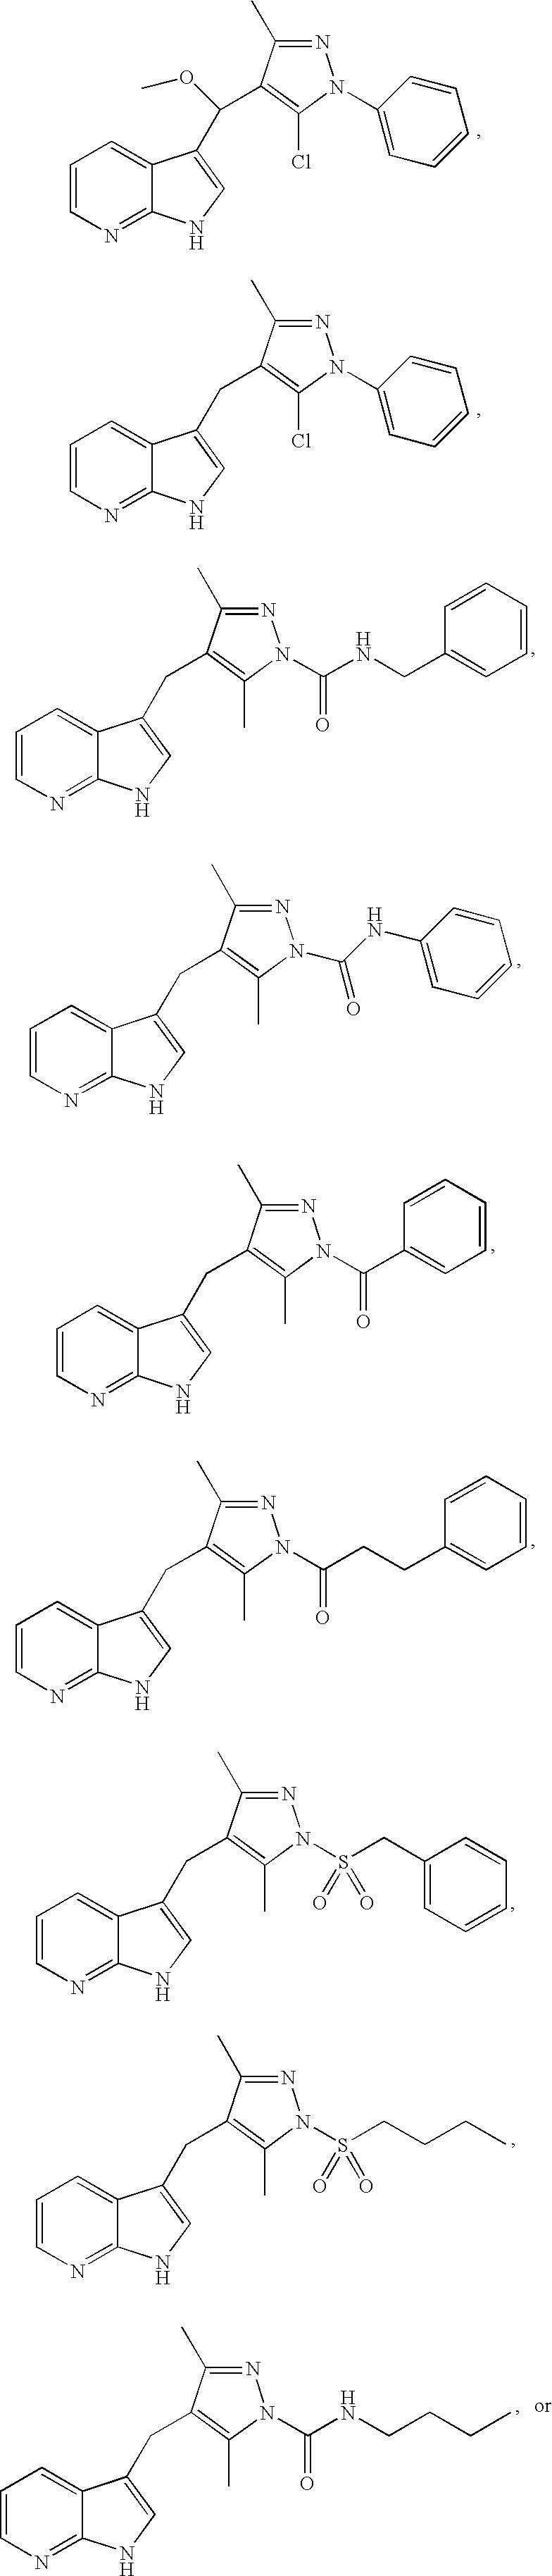 Figure US07893075-20110222-C00027